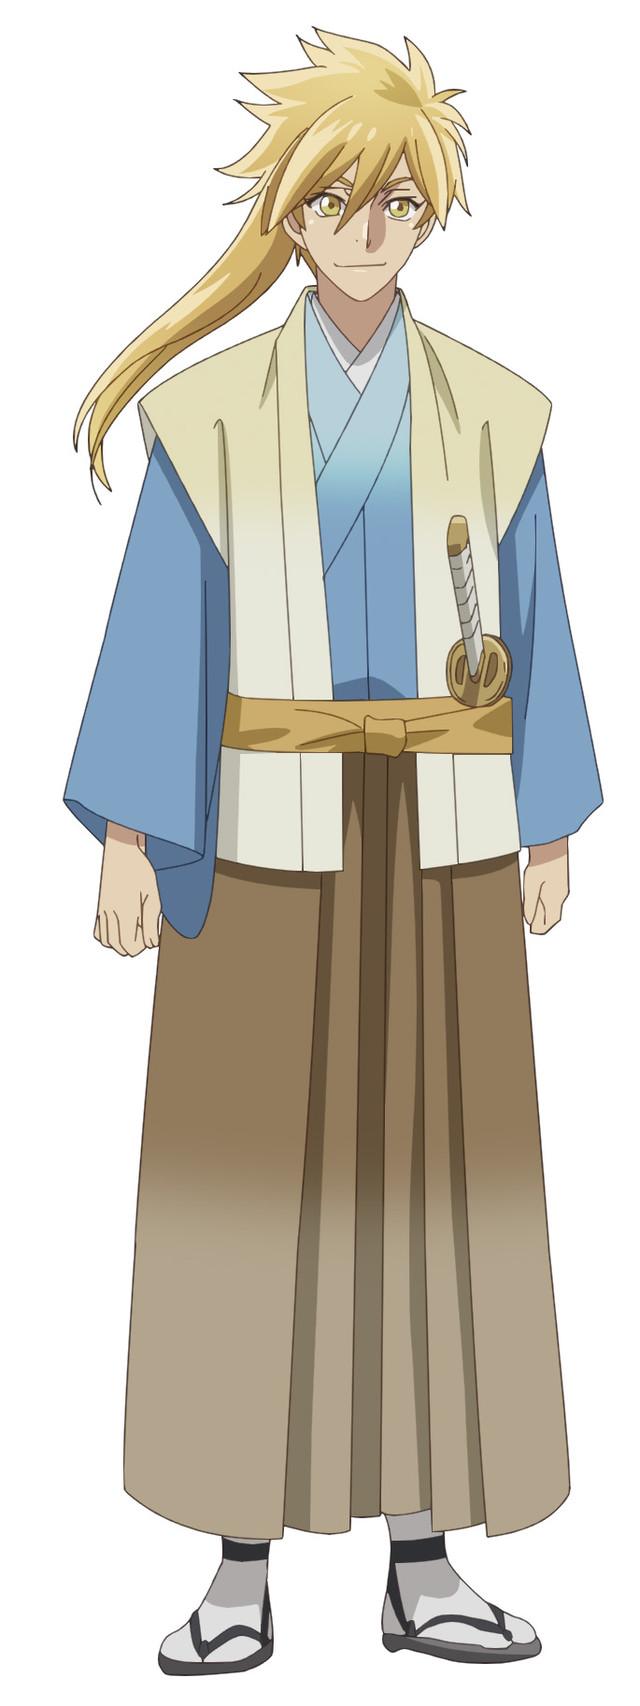 wakanobu_character05_fixw_640_hq.jpg